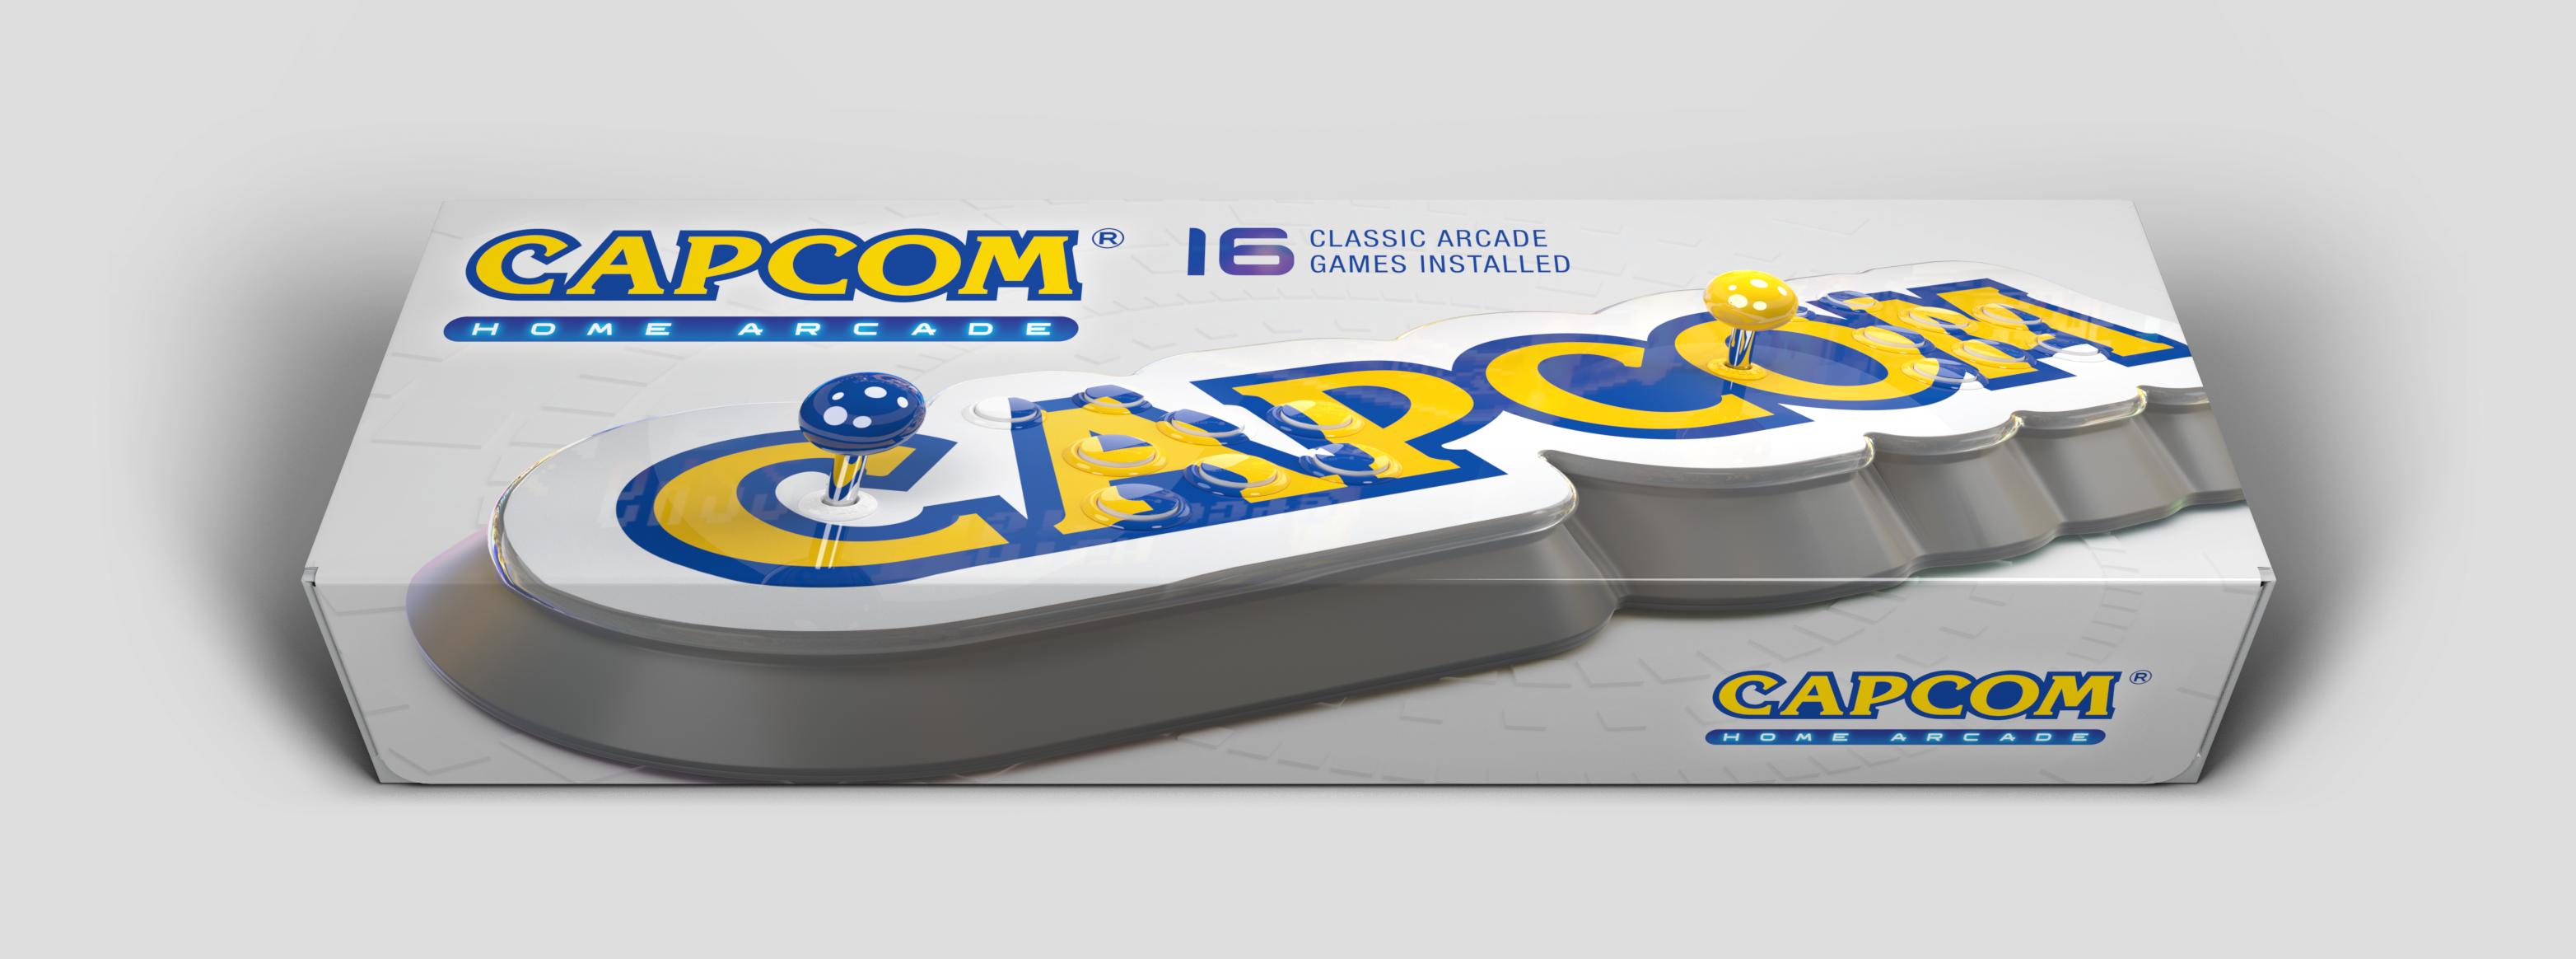 CAPCOM HOME ARCADE – (16 GAMES INCLUDED)